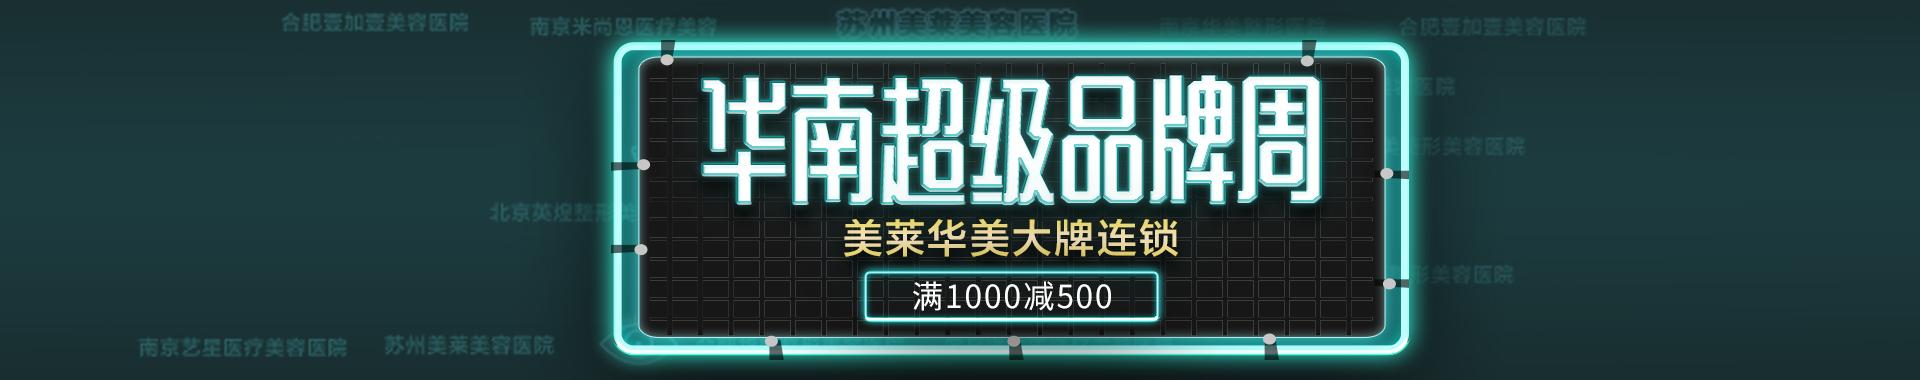 7月超级品牌周—华南专场